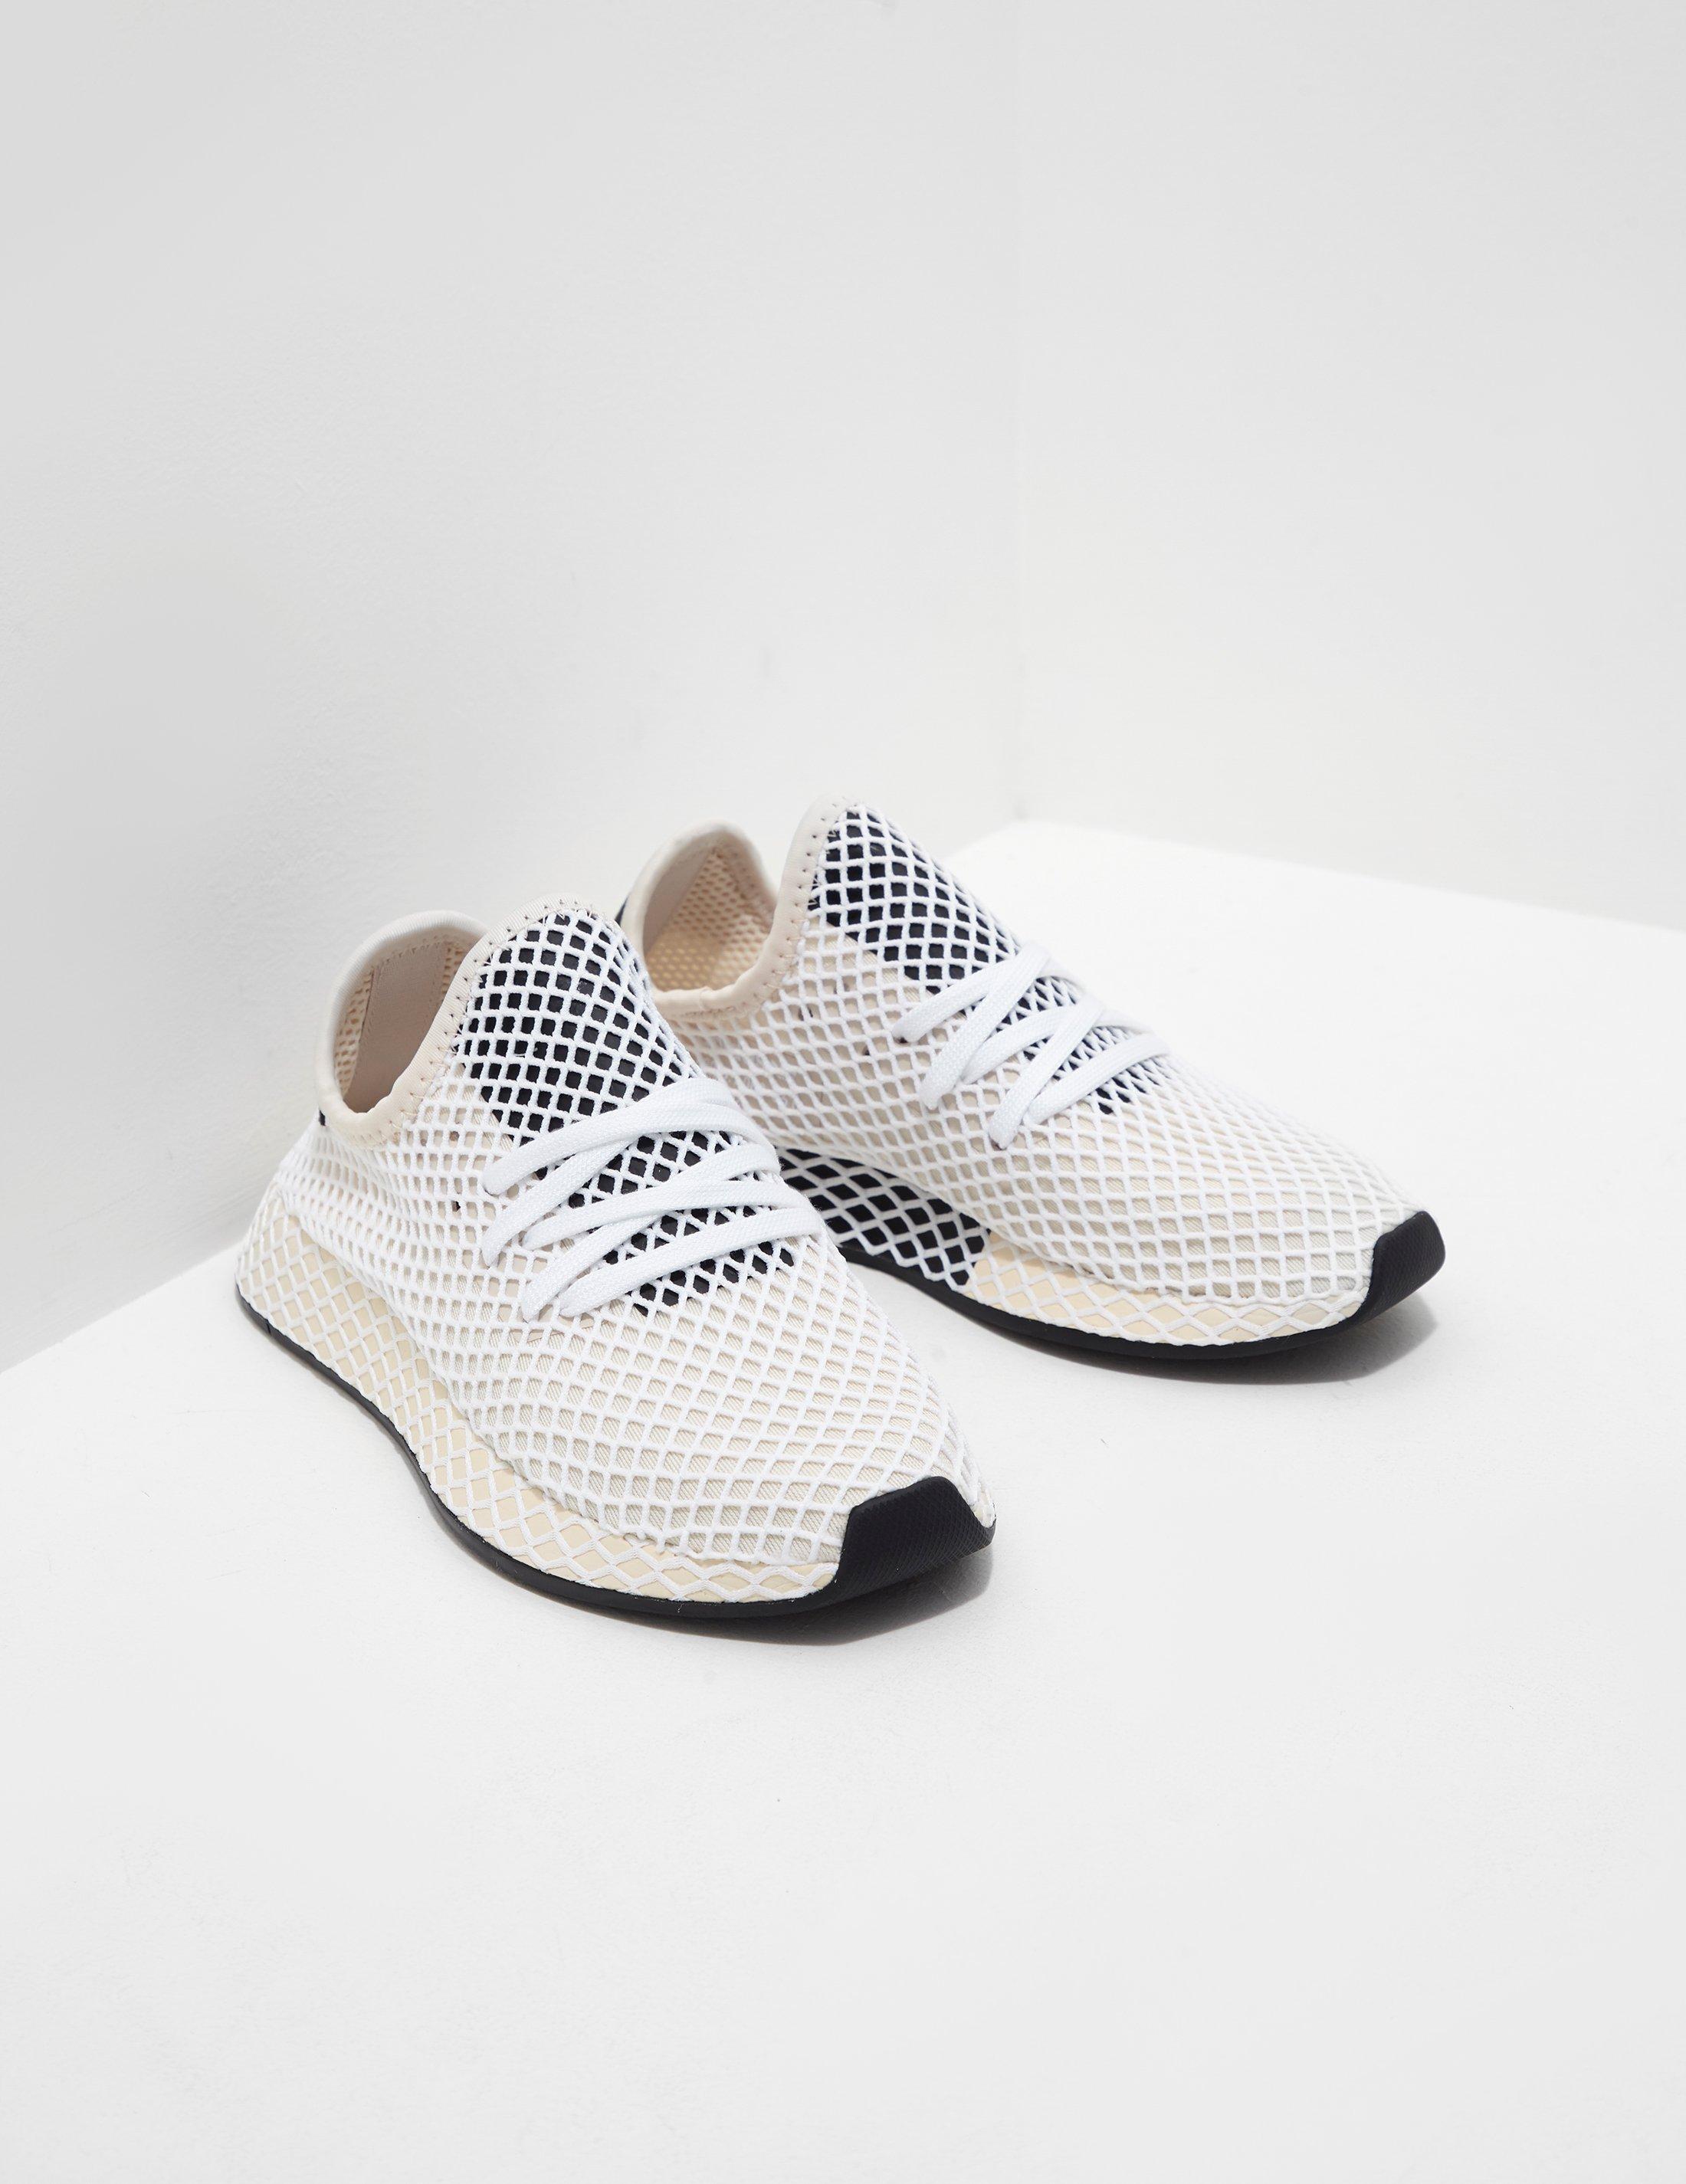 Lyst Adidas Originali Di Donne Deerupt Donne Crema